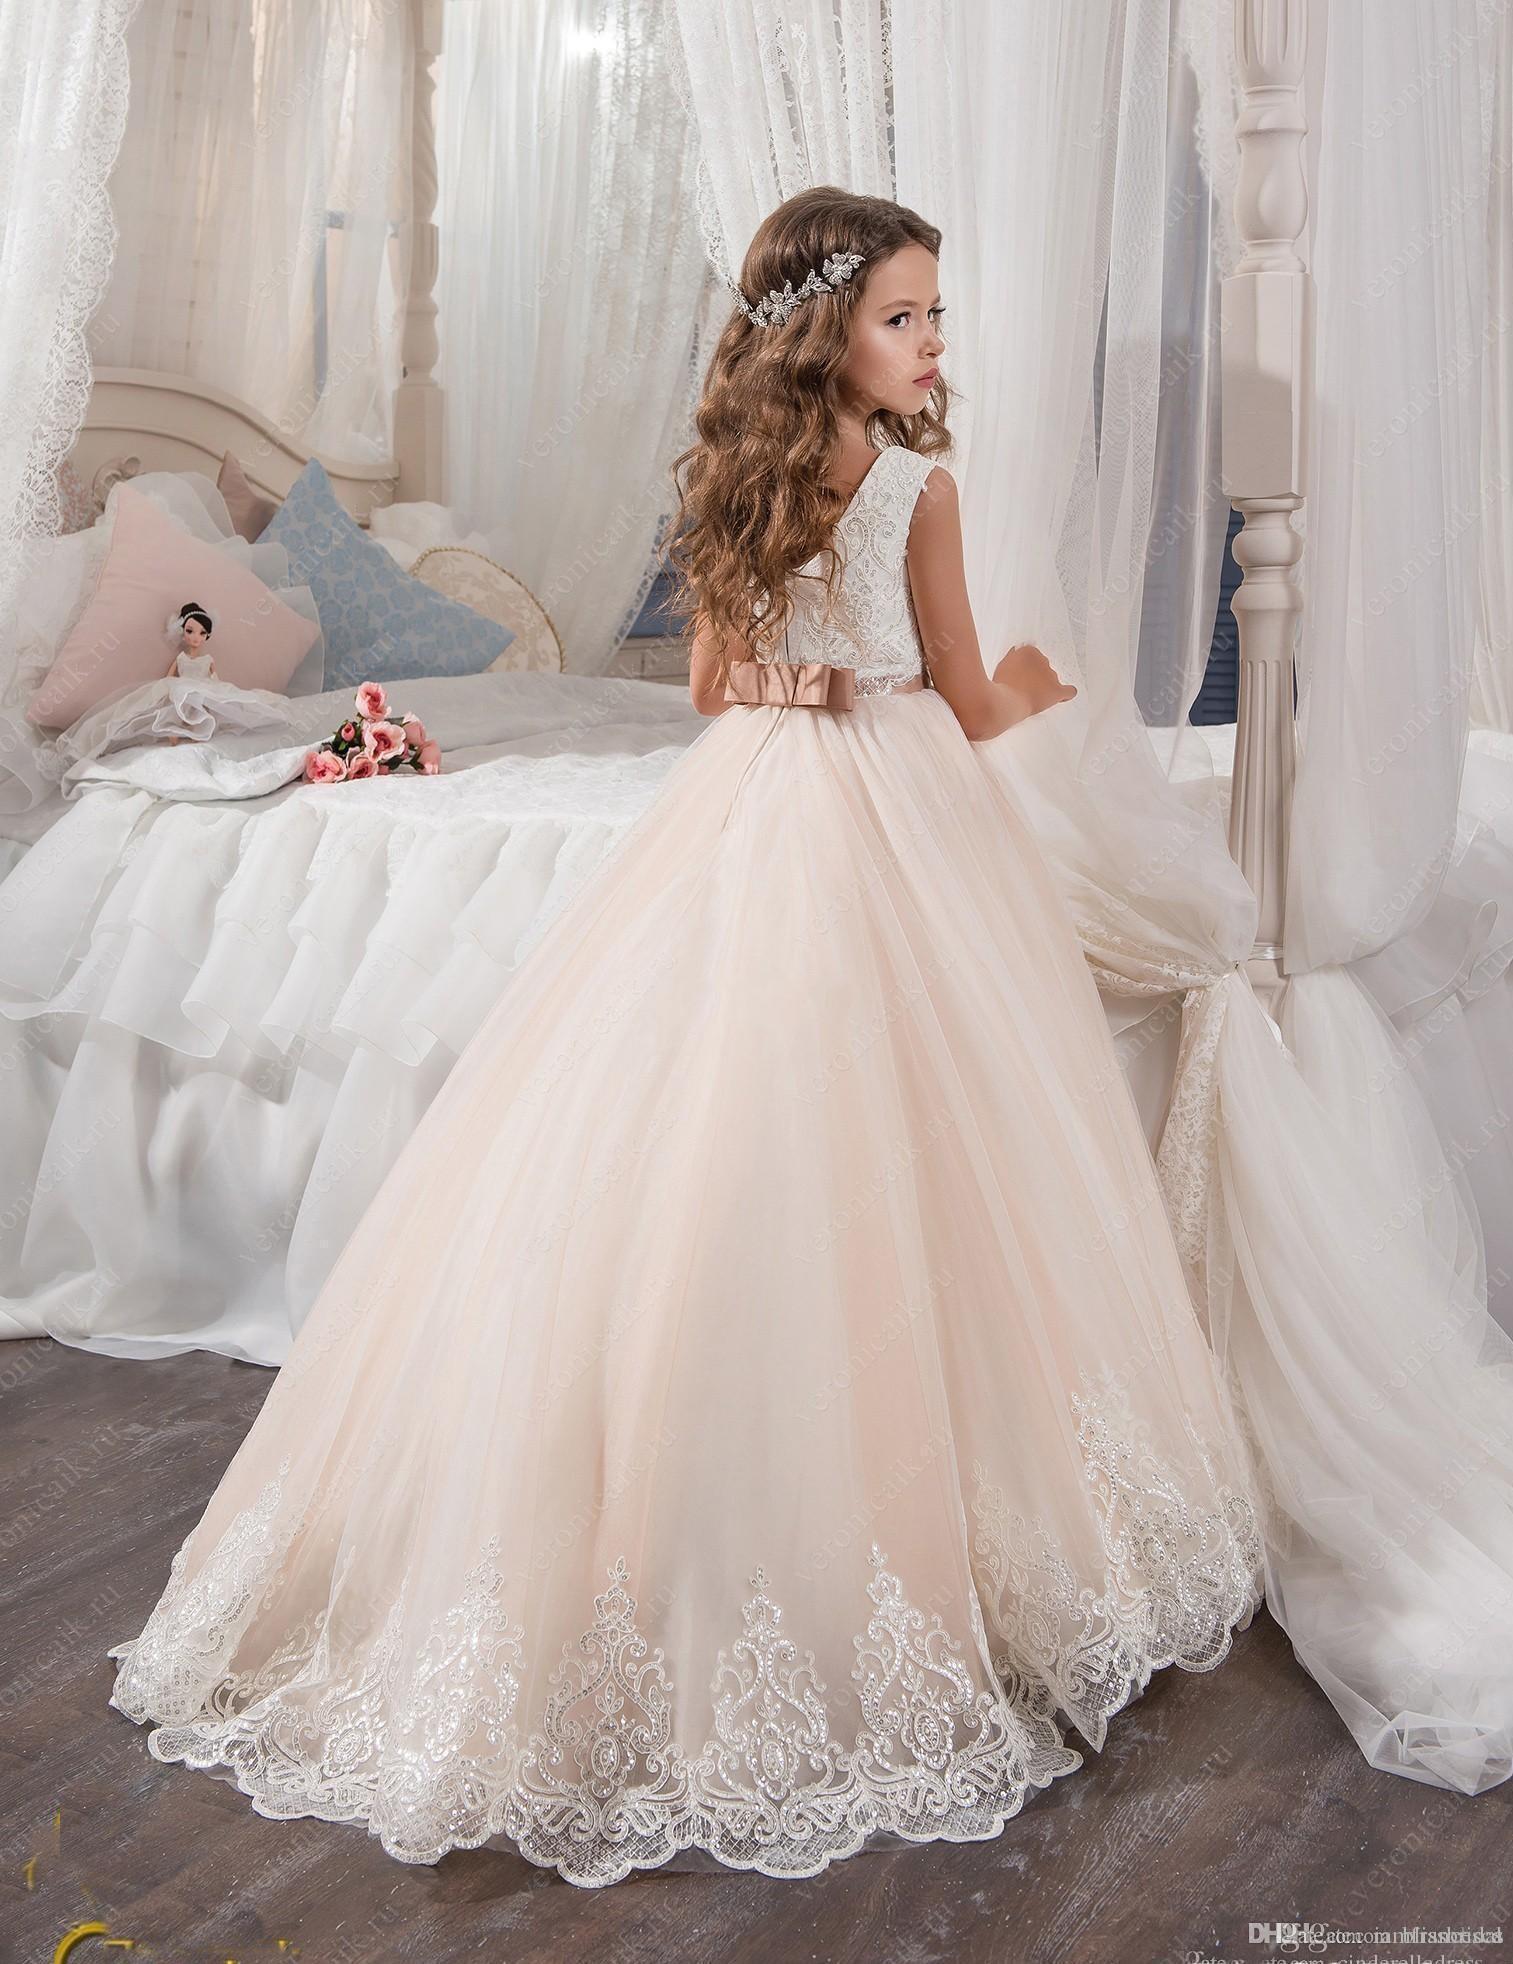 2017 Vintage Çiçek Kız Elbise Düğün İçin Allık Pembe Custom Made Prenses Tutu Payetli Aplike Dantel Yay Çocuklar İlk Communion Abiye